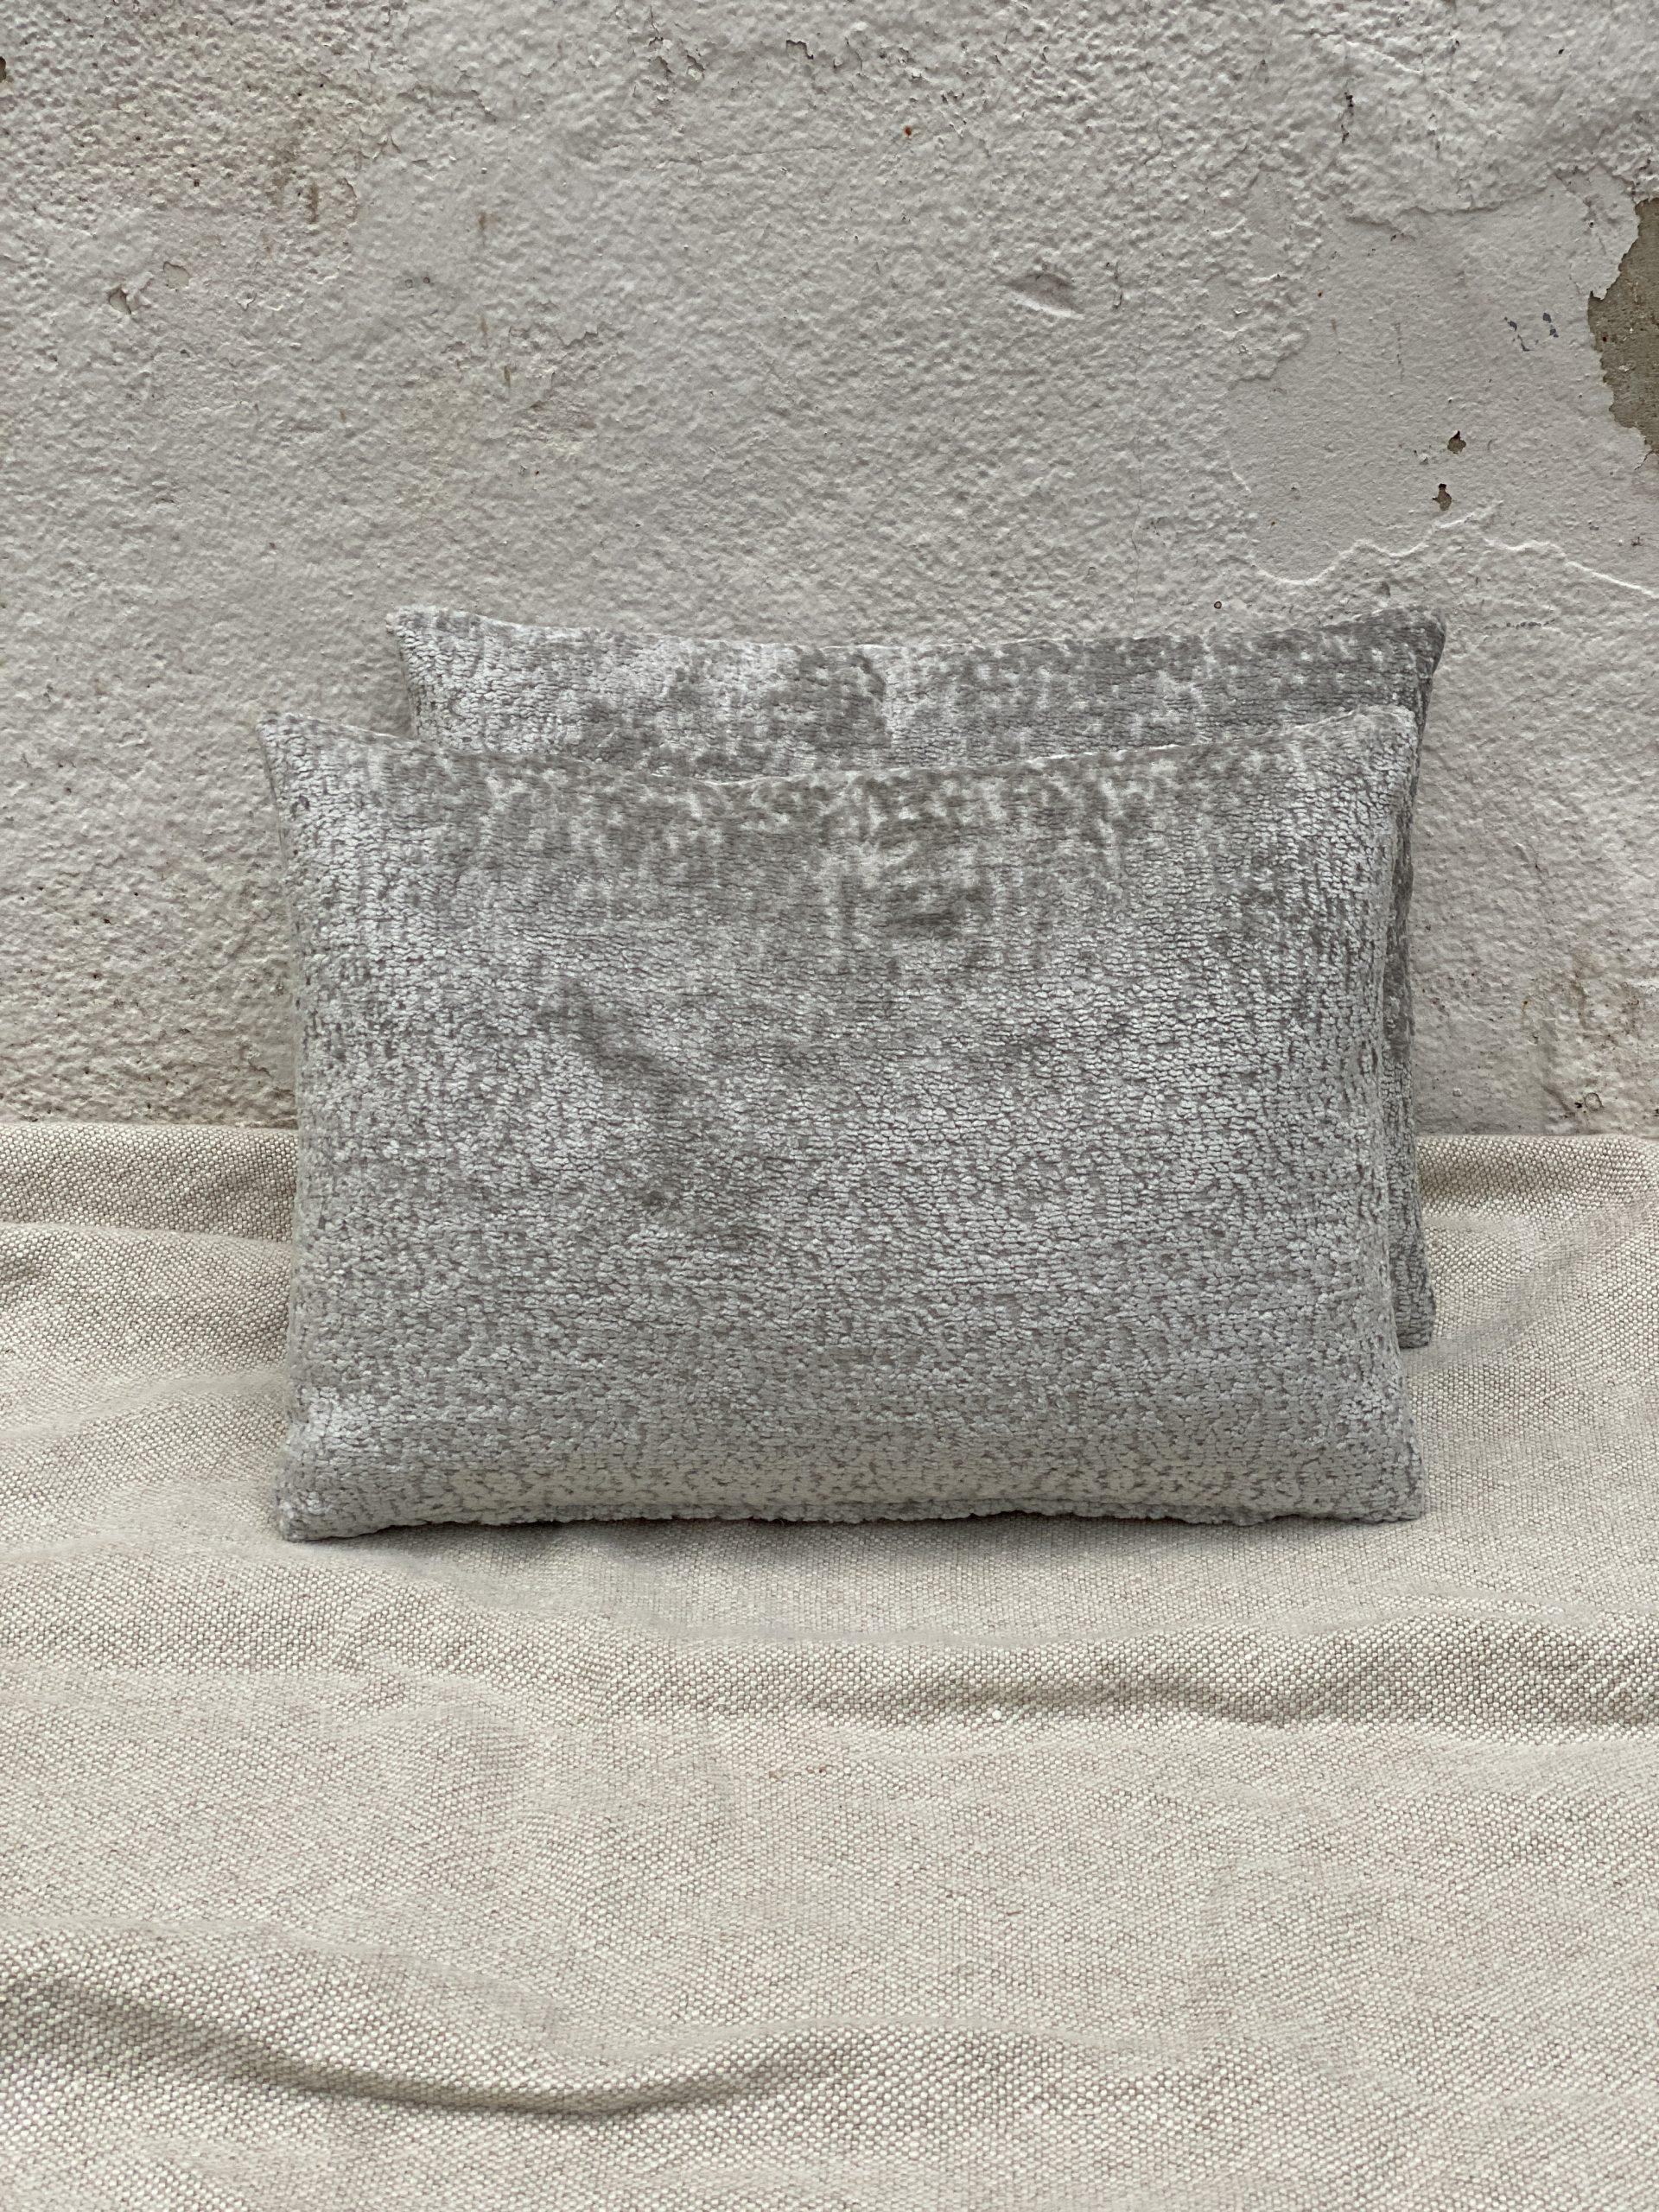 Pindler Pillow